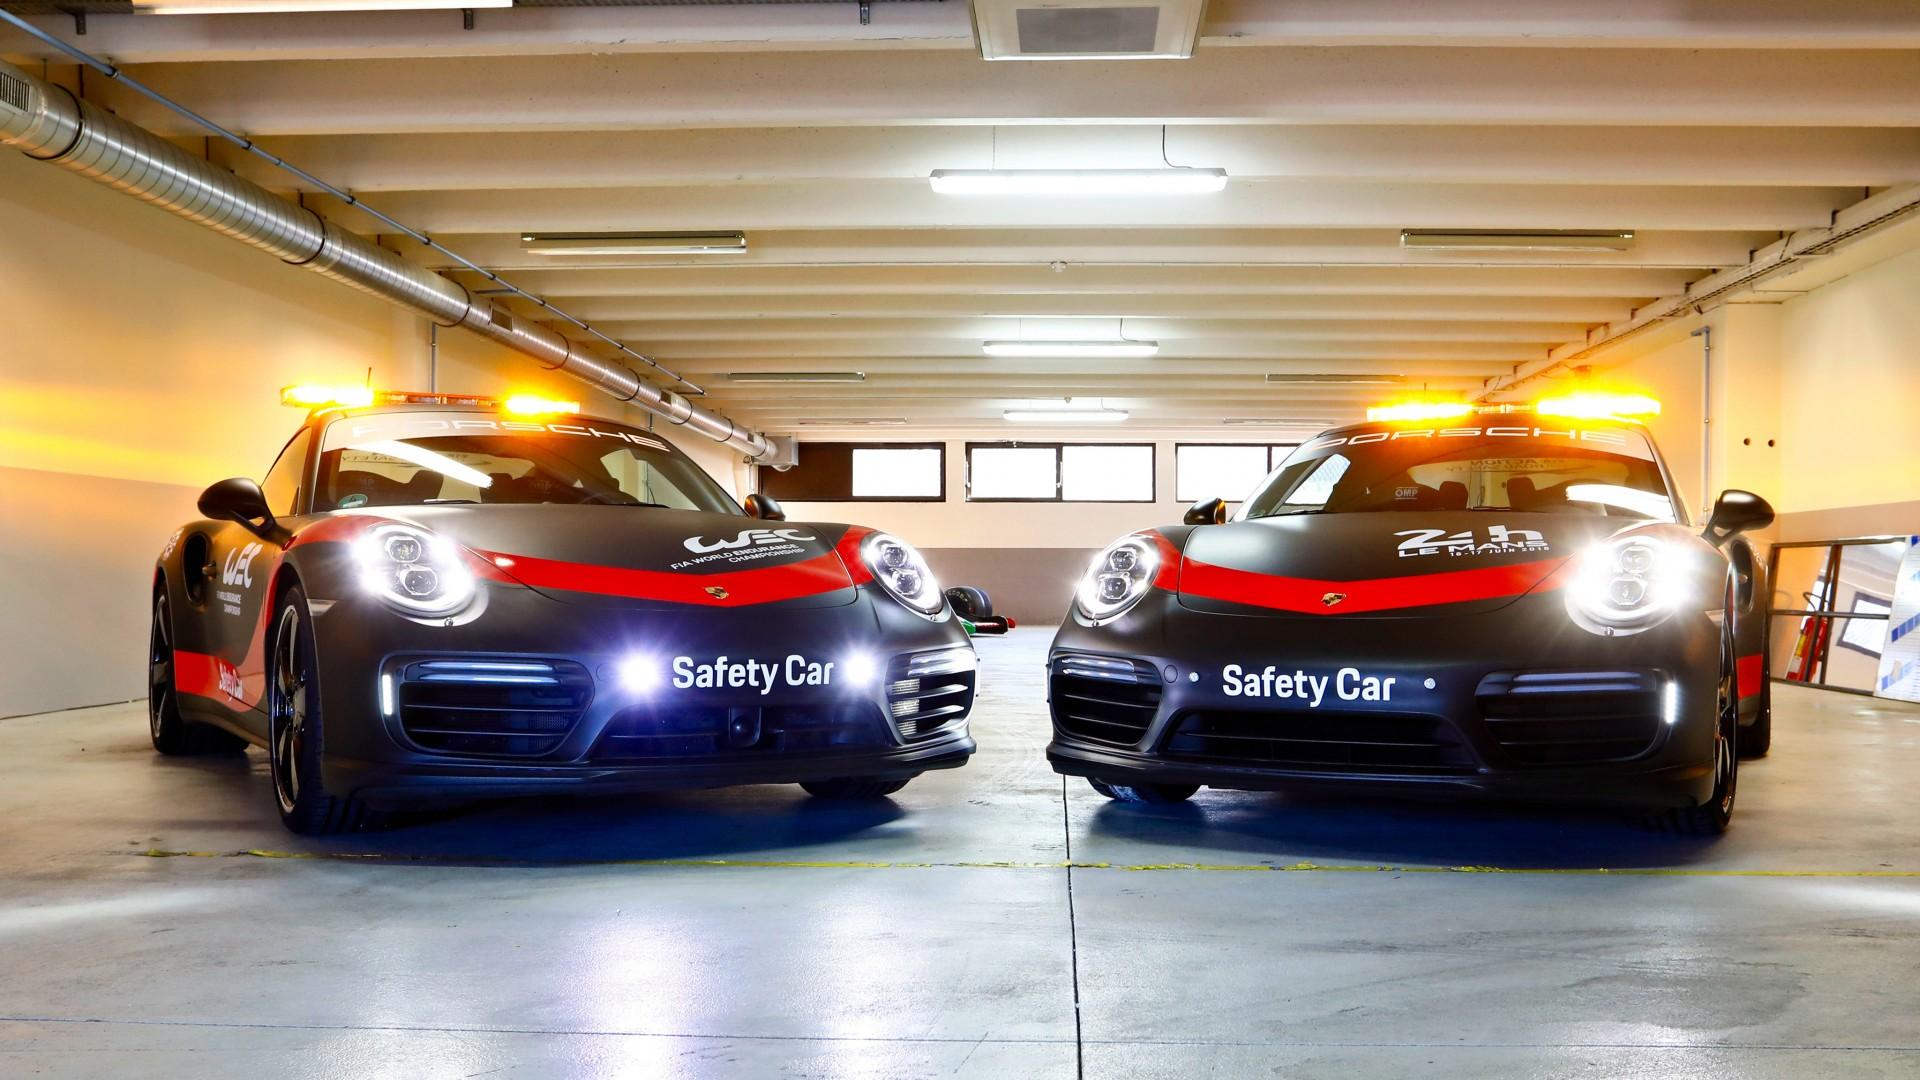 2018 Porsche 911 Turbo WEC Safety Car 4K 2 Wallpaper